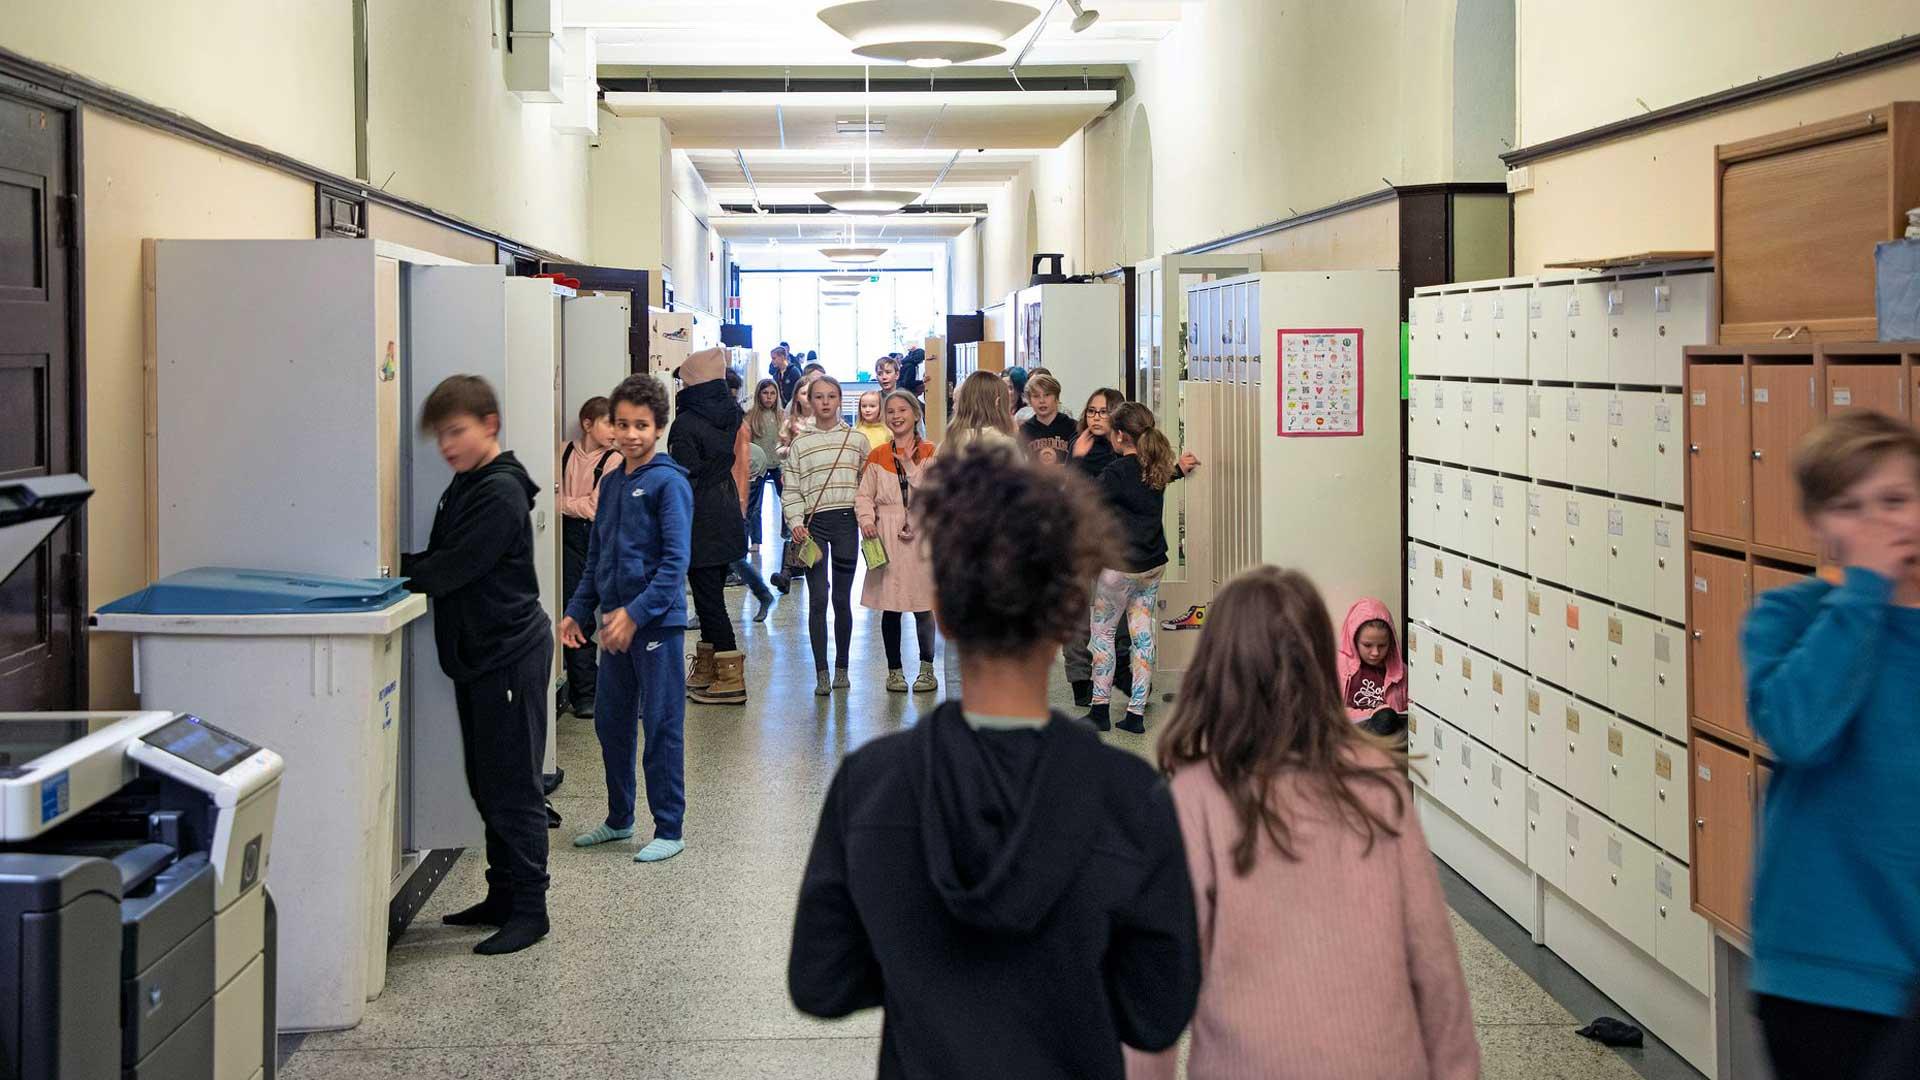 Koulun oppilaista oli viime keväänä enimmillään poissa yli 40 prosenttia. Joulun jälkeen läsnäoloprosentti on pysynyt lähes normaalina.